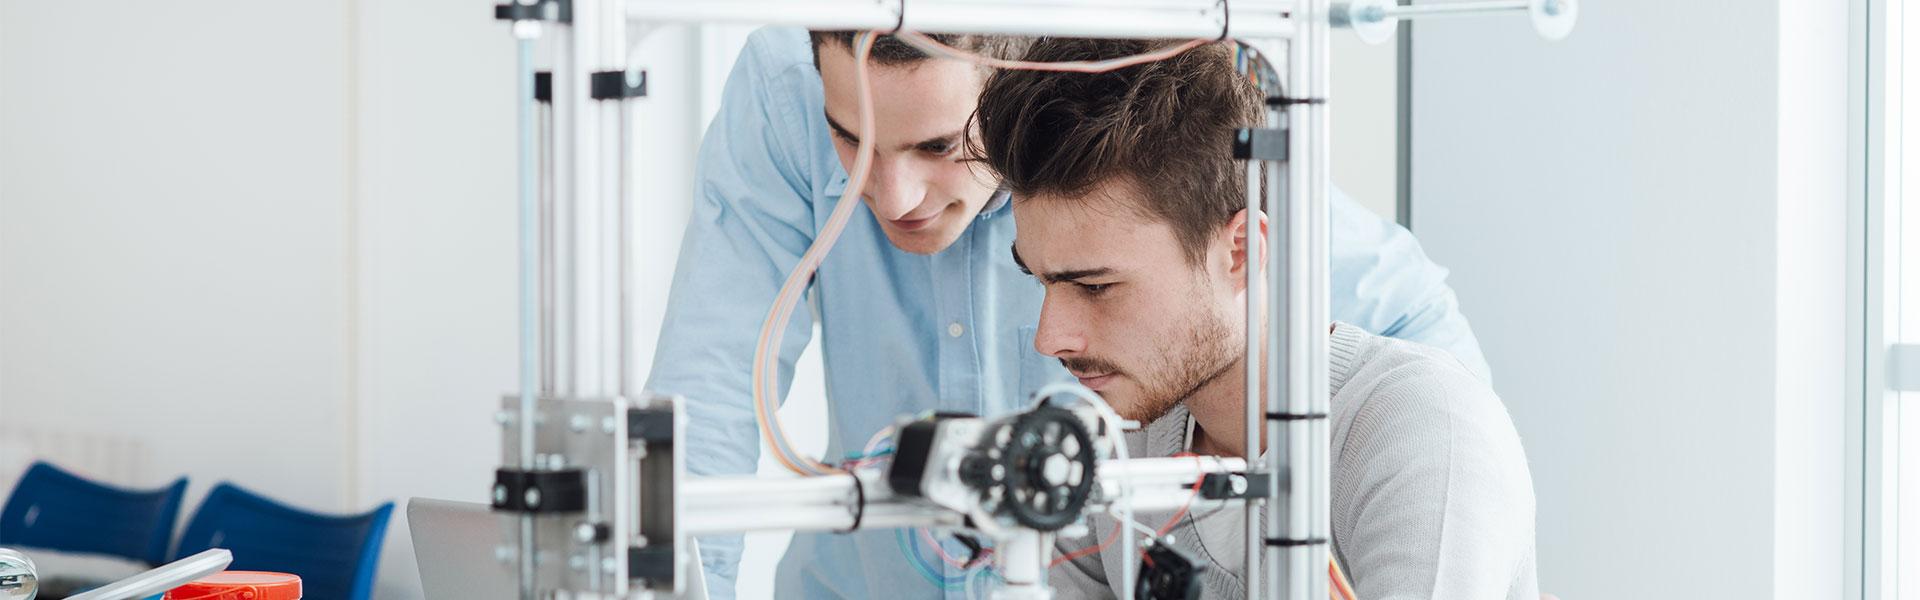 Estudiante de pregrado de la Universidad Yachay Tech publica artículo científico en revista internacional